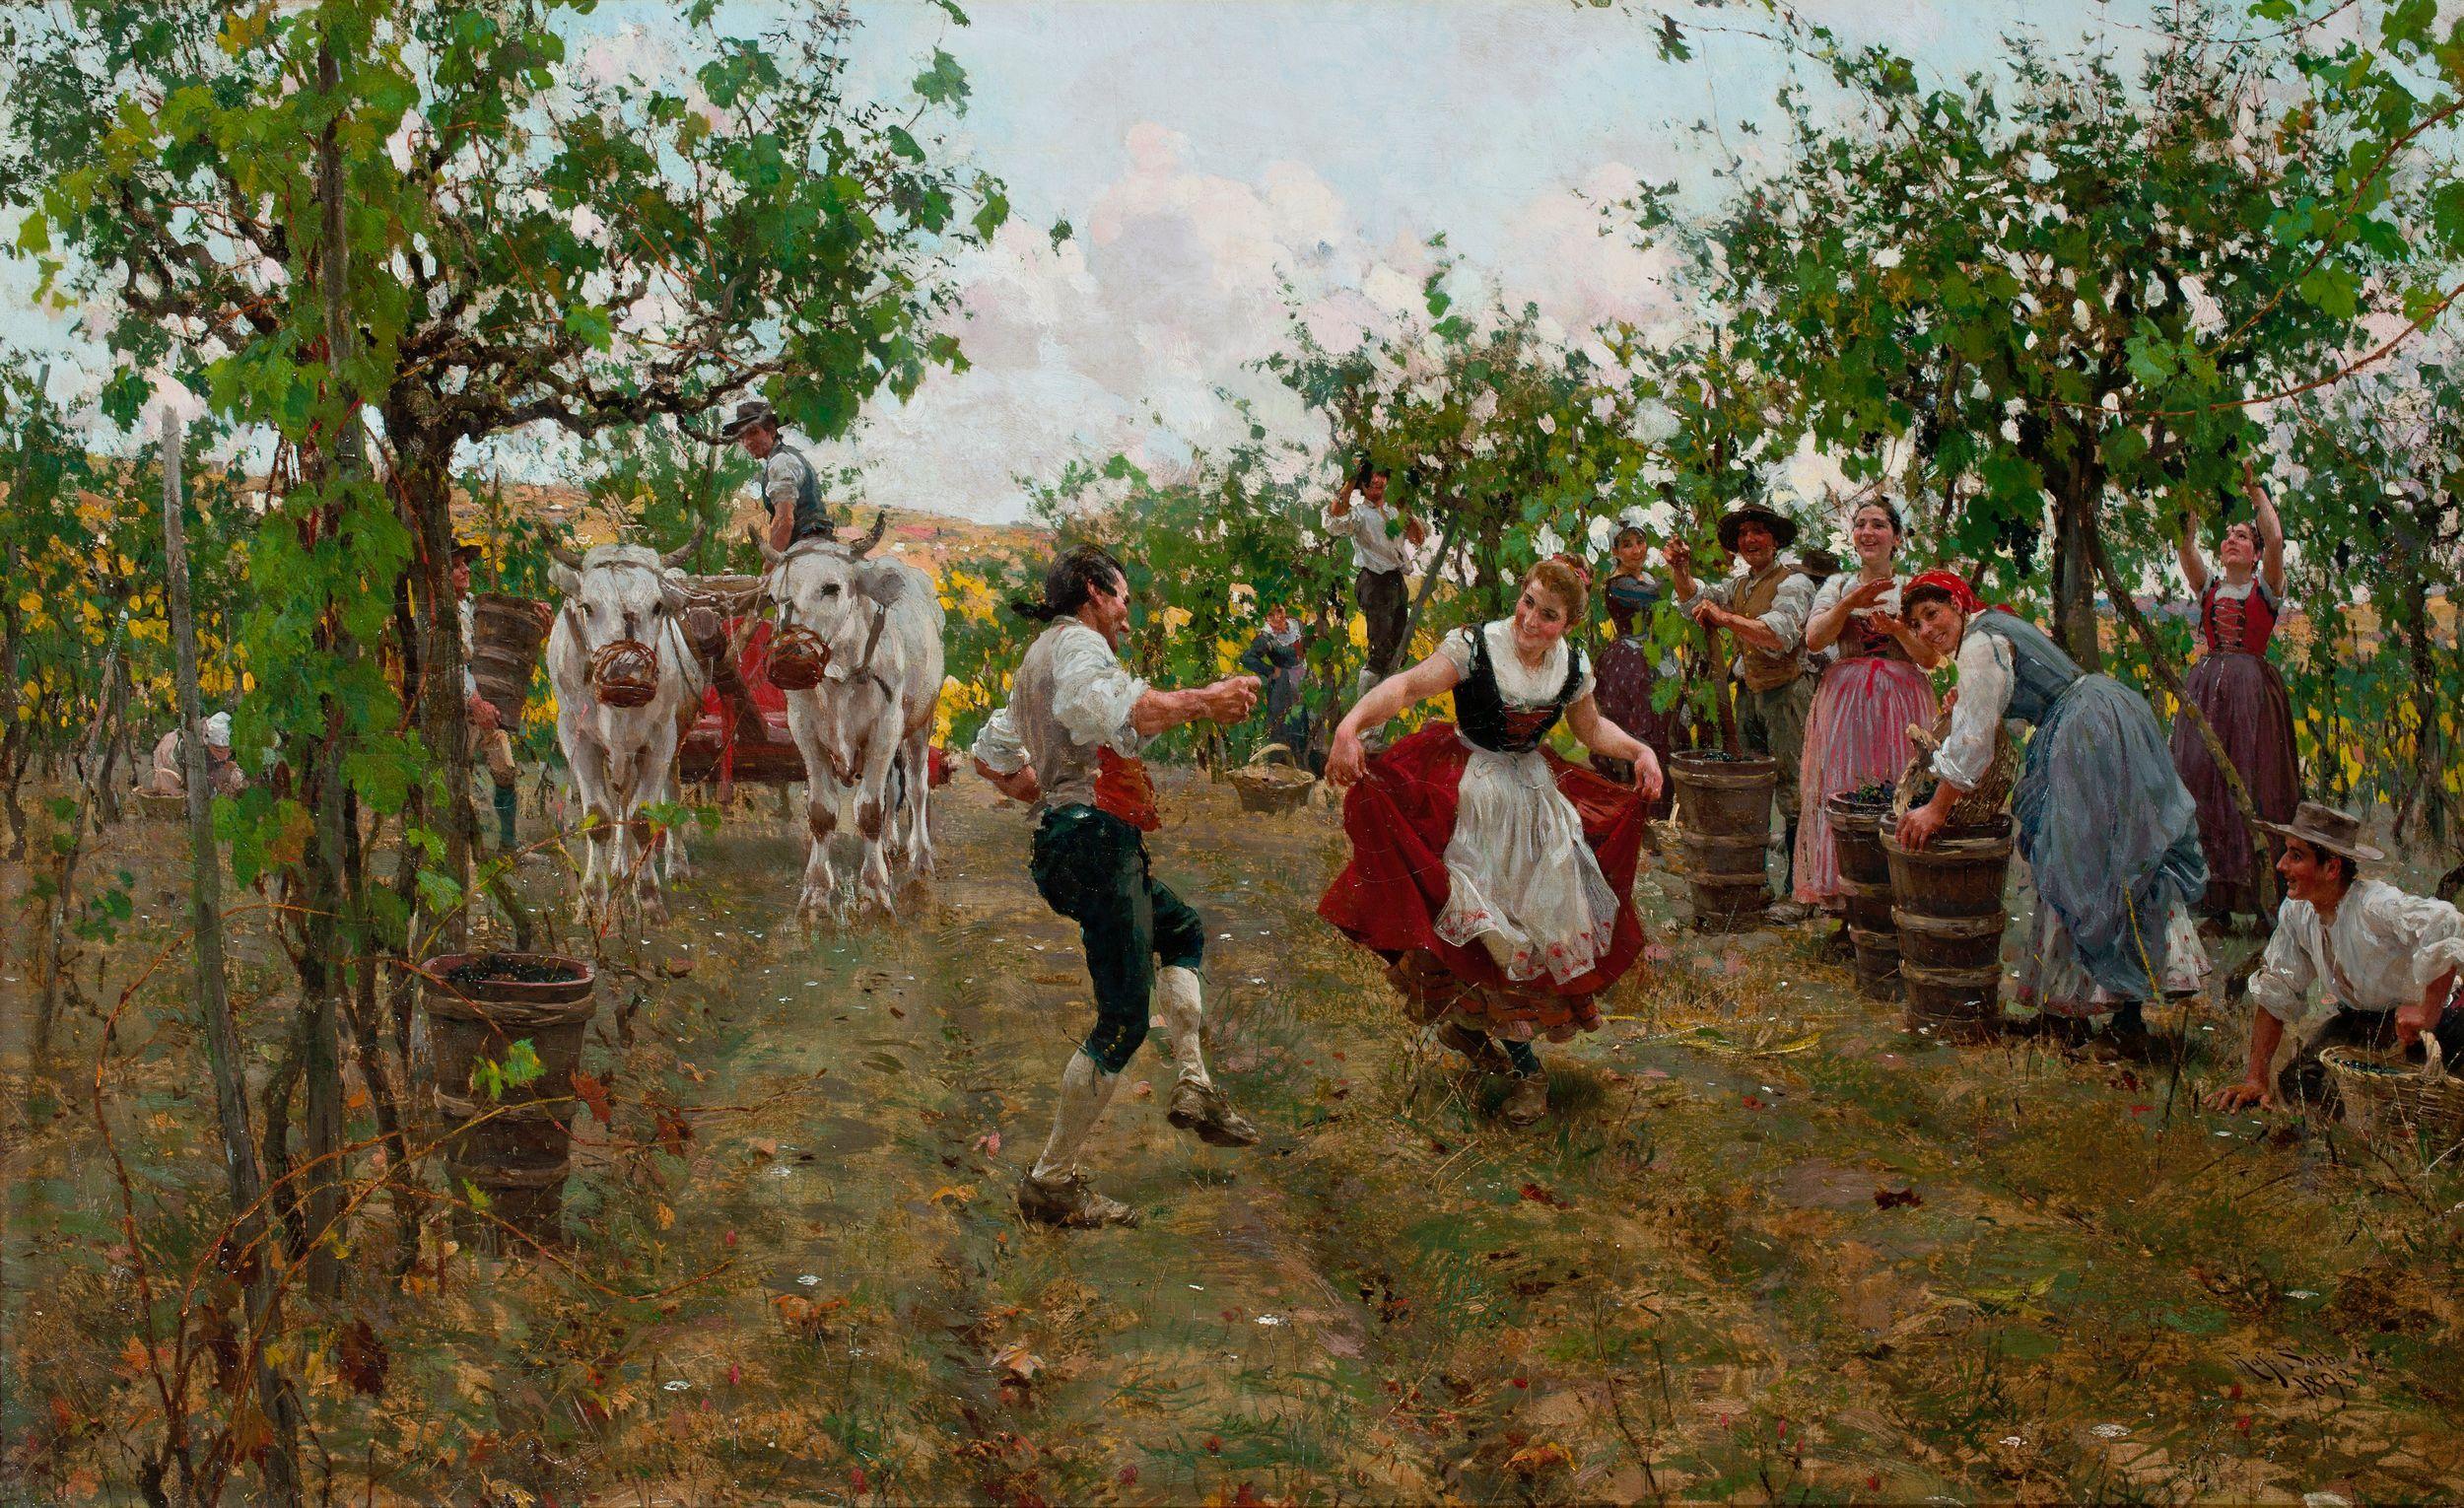 Raffaello_Sorbi_-_La_festa_della_vendemmia 1893